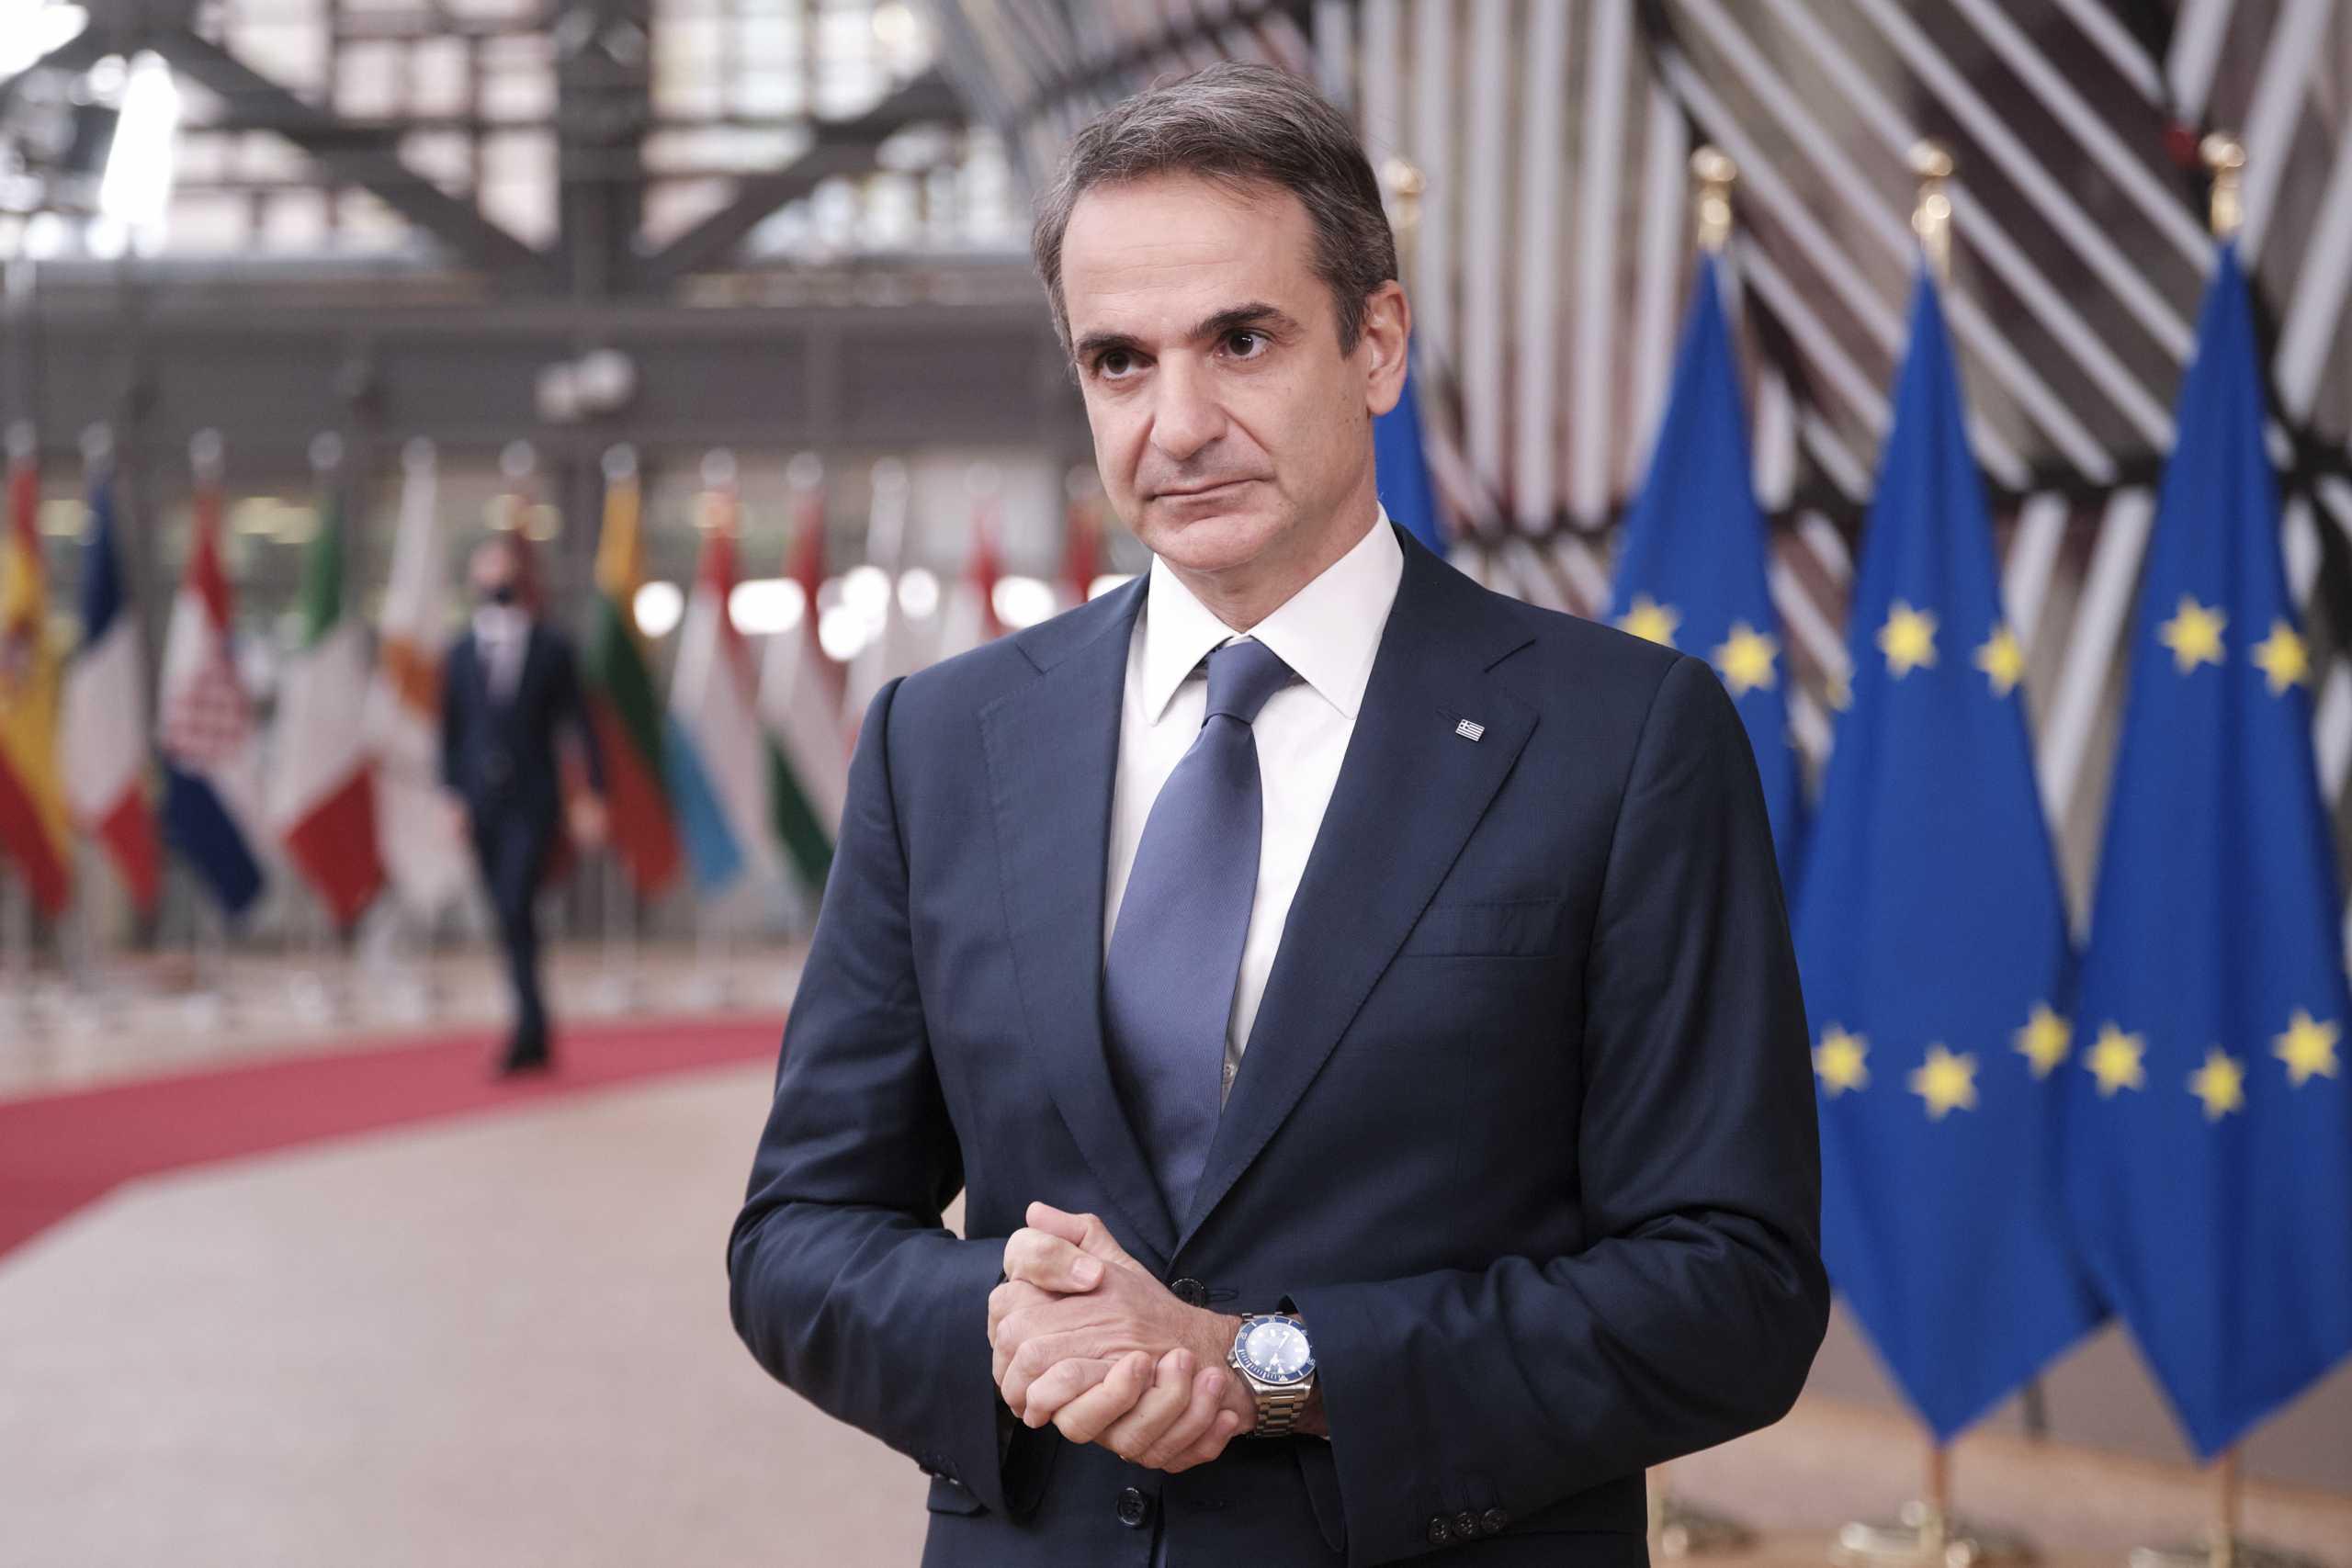 Μητσοτάκης: Θα θέλαμε περισσότερη στήριξη από την Ευρώπη απέναντι στην Τουρκία